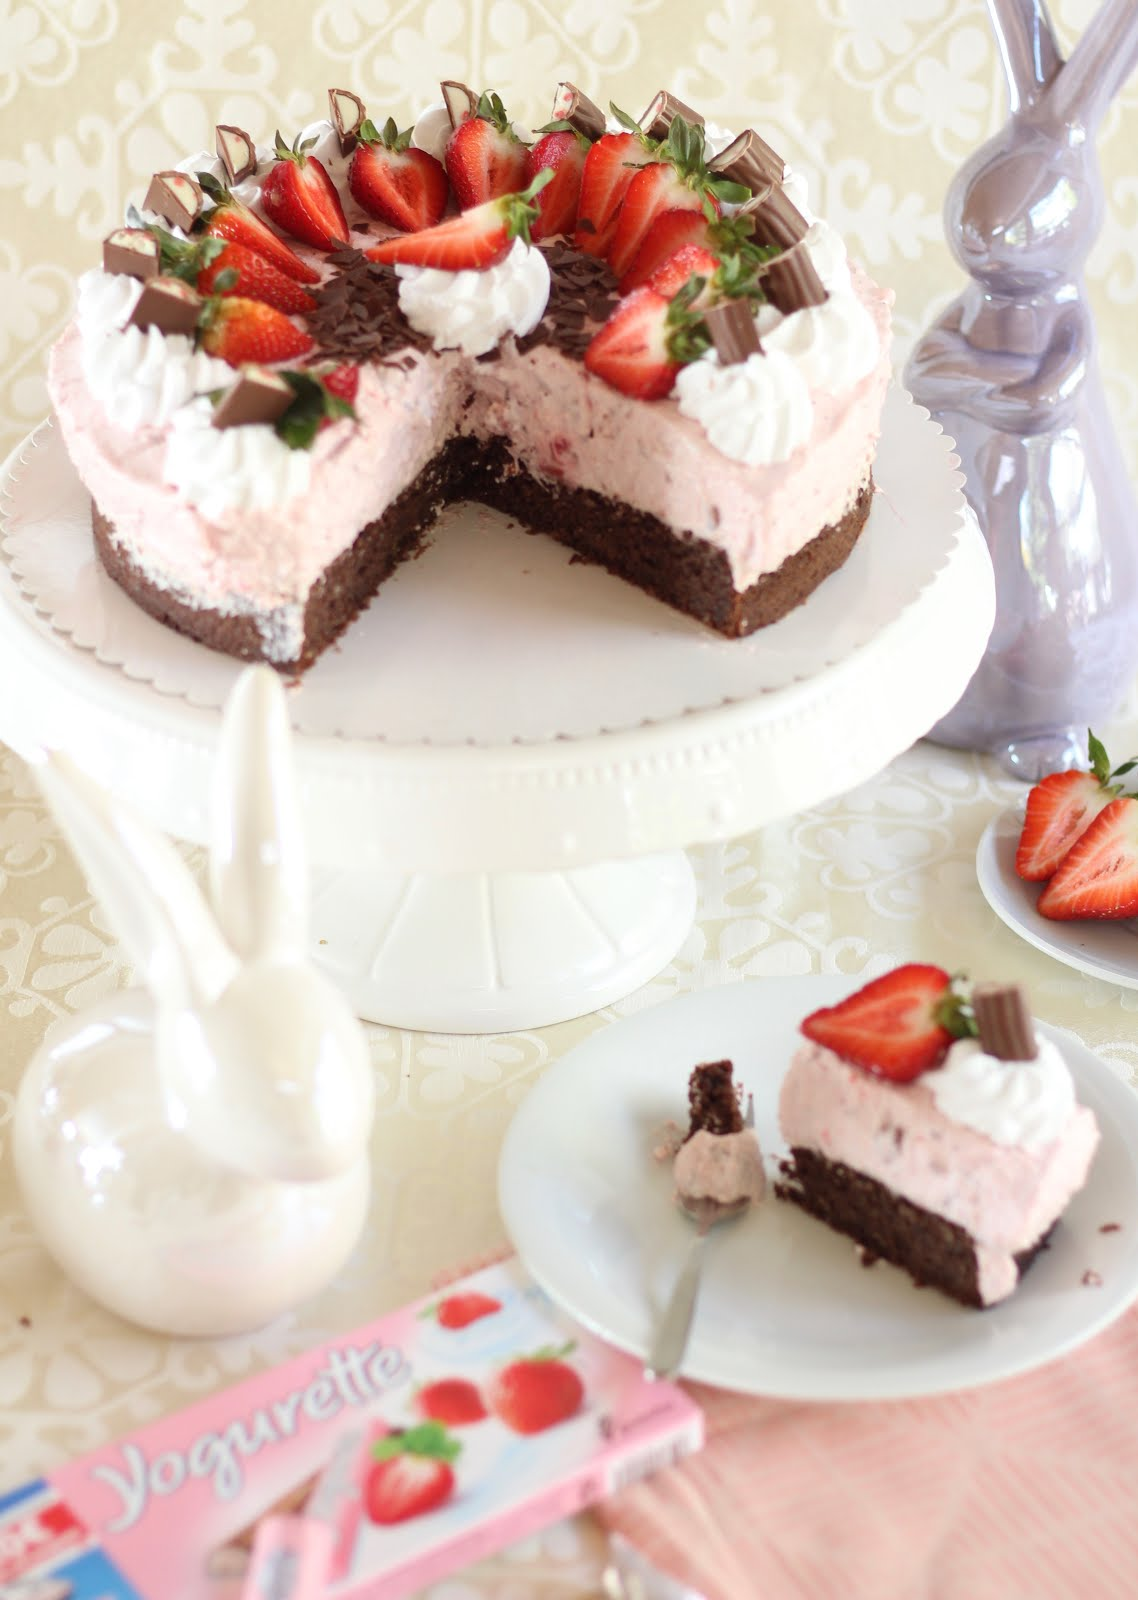 Zarte Erdbeer-Yogurette-Torte / Ostertorte ohne Mehl mit Mandel-Nuss-Boden   Rezept und Video von Sugarprincess